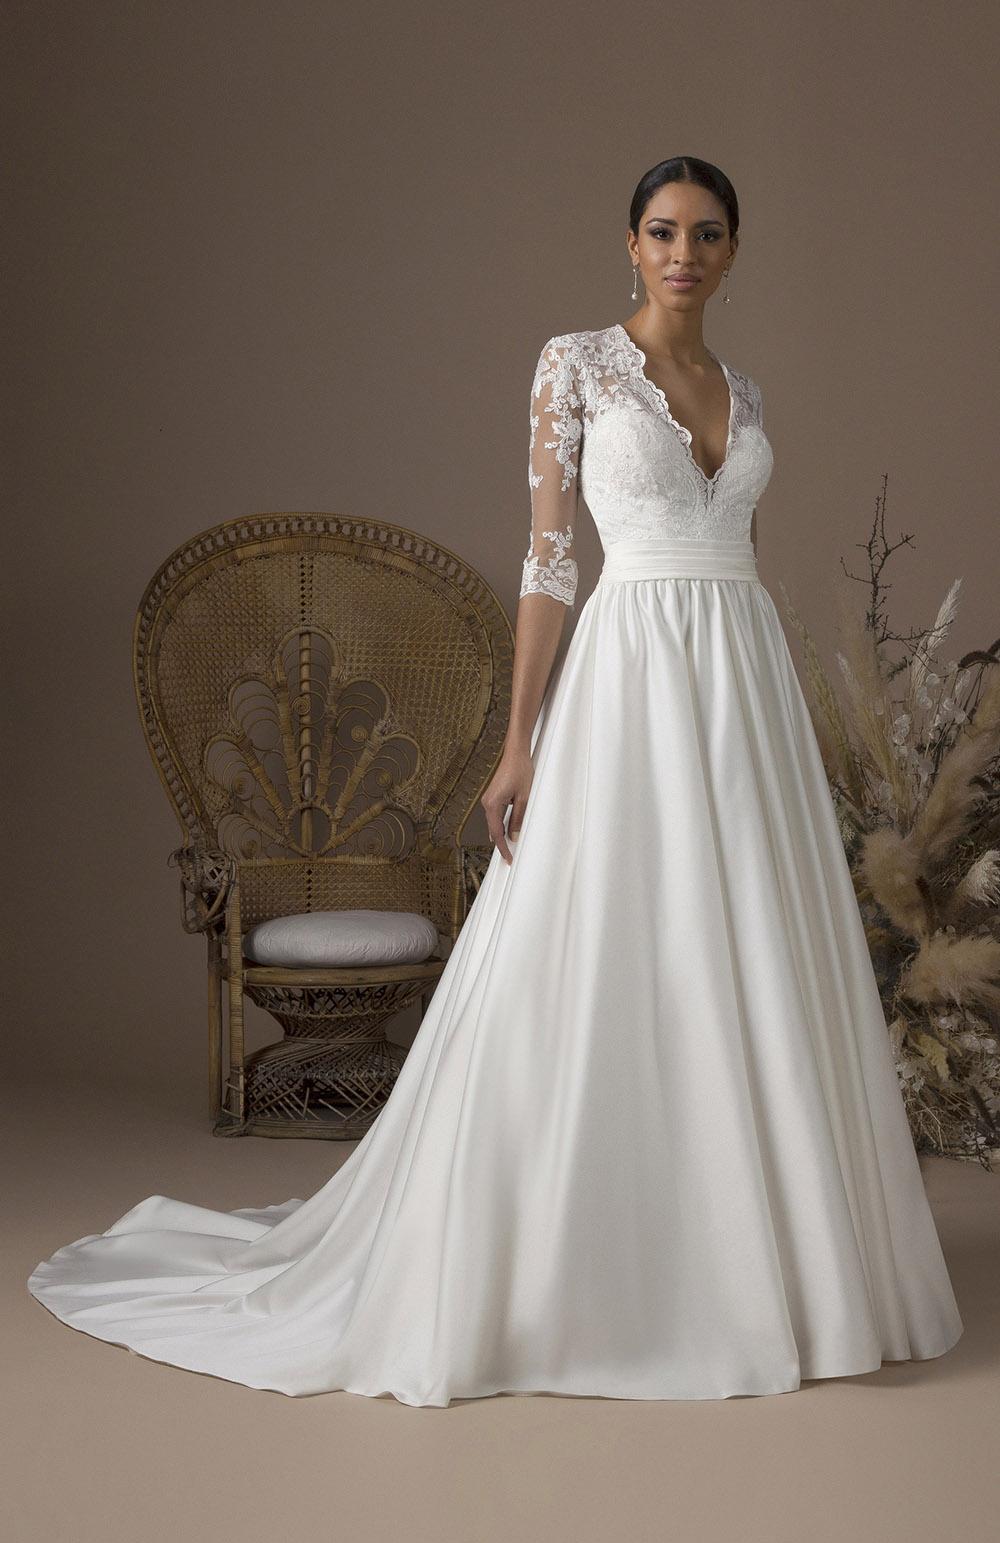 Robe de mariée Modèle Dorit